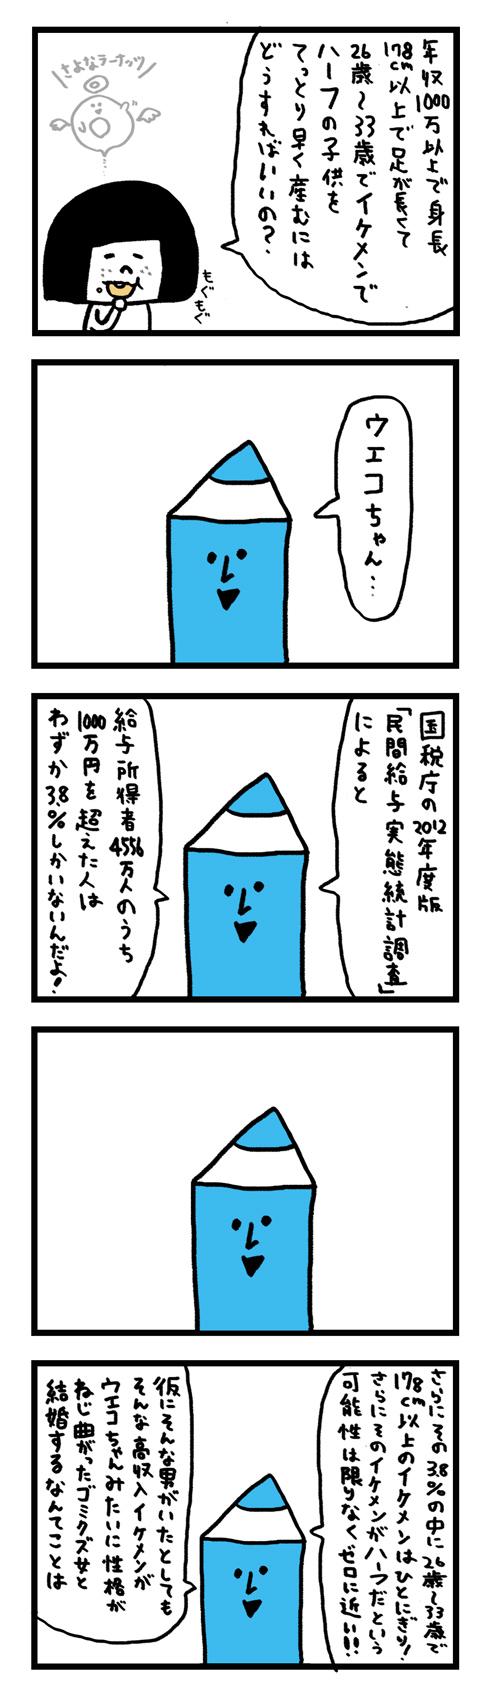 マンガ(2)